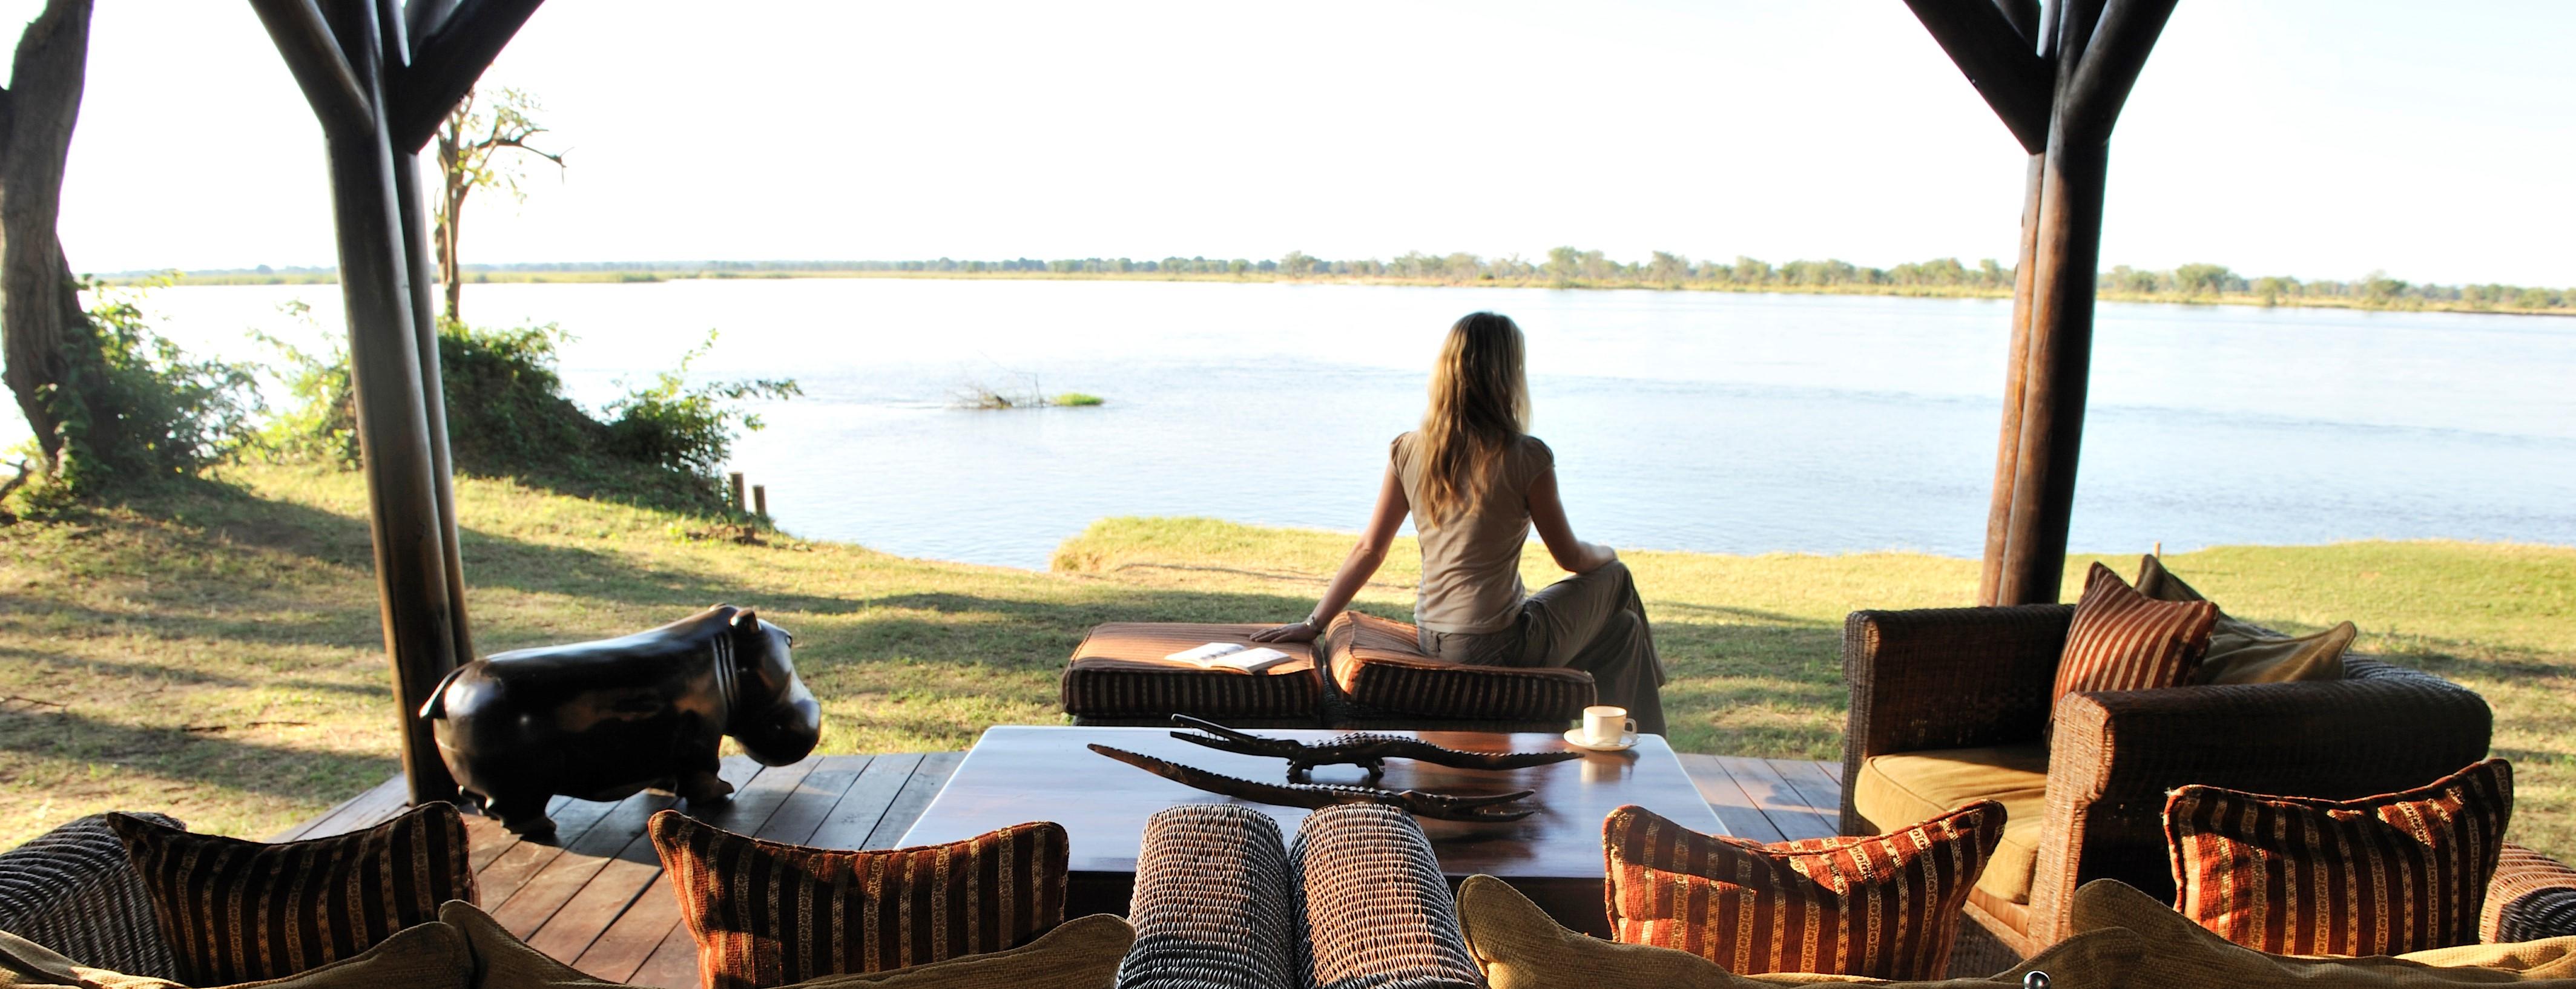 enjoying-lower-zambezi-river-view